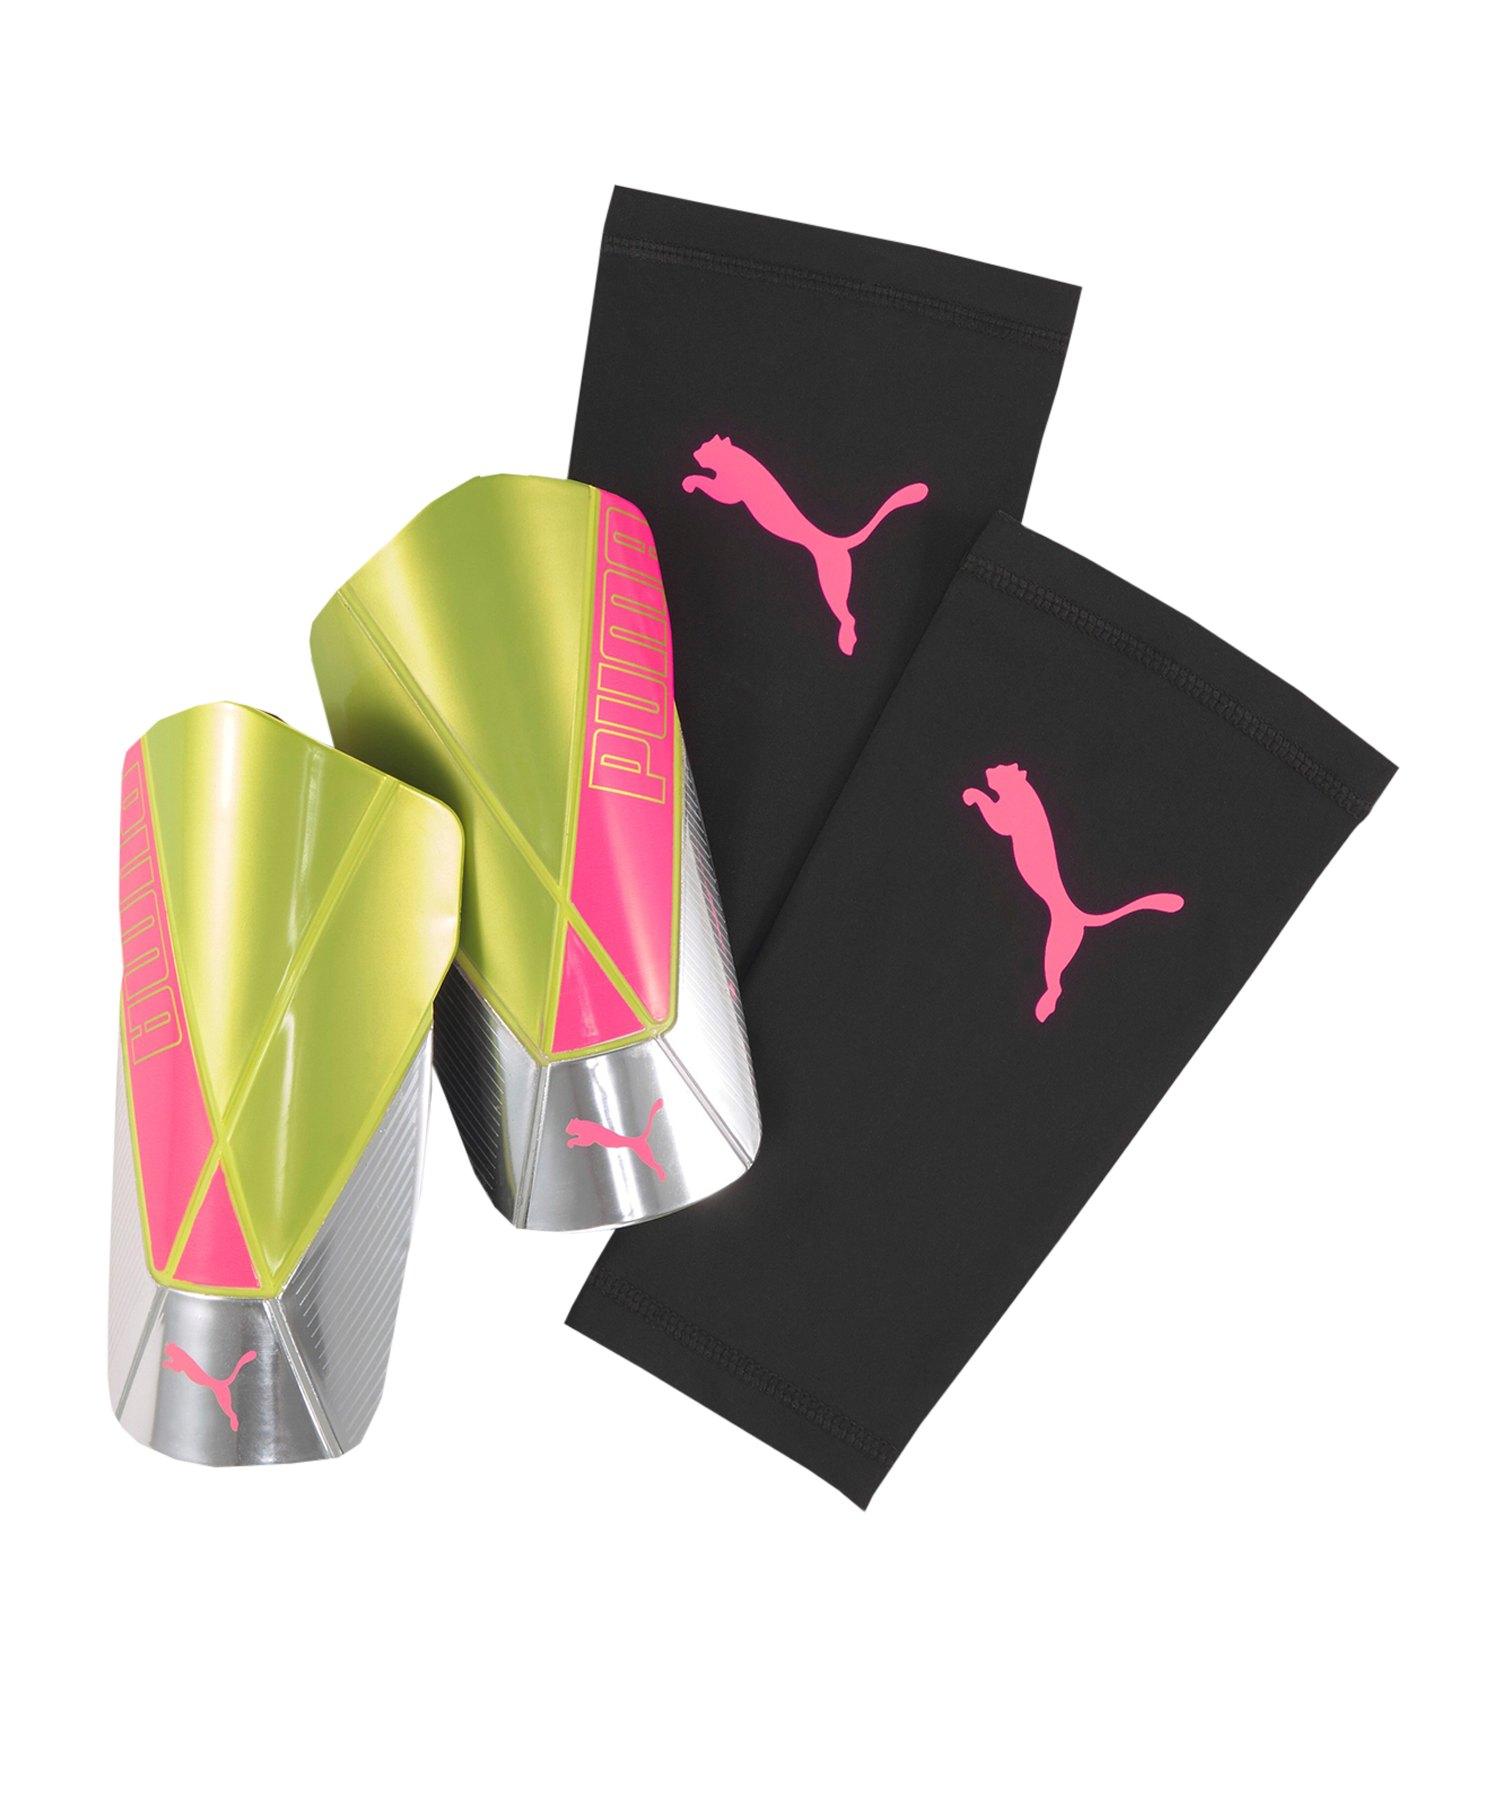 PUMA ftblNXT TEAM Rise Schienbeinschoner Kids Gelb Pink F04 - gelb